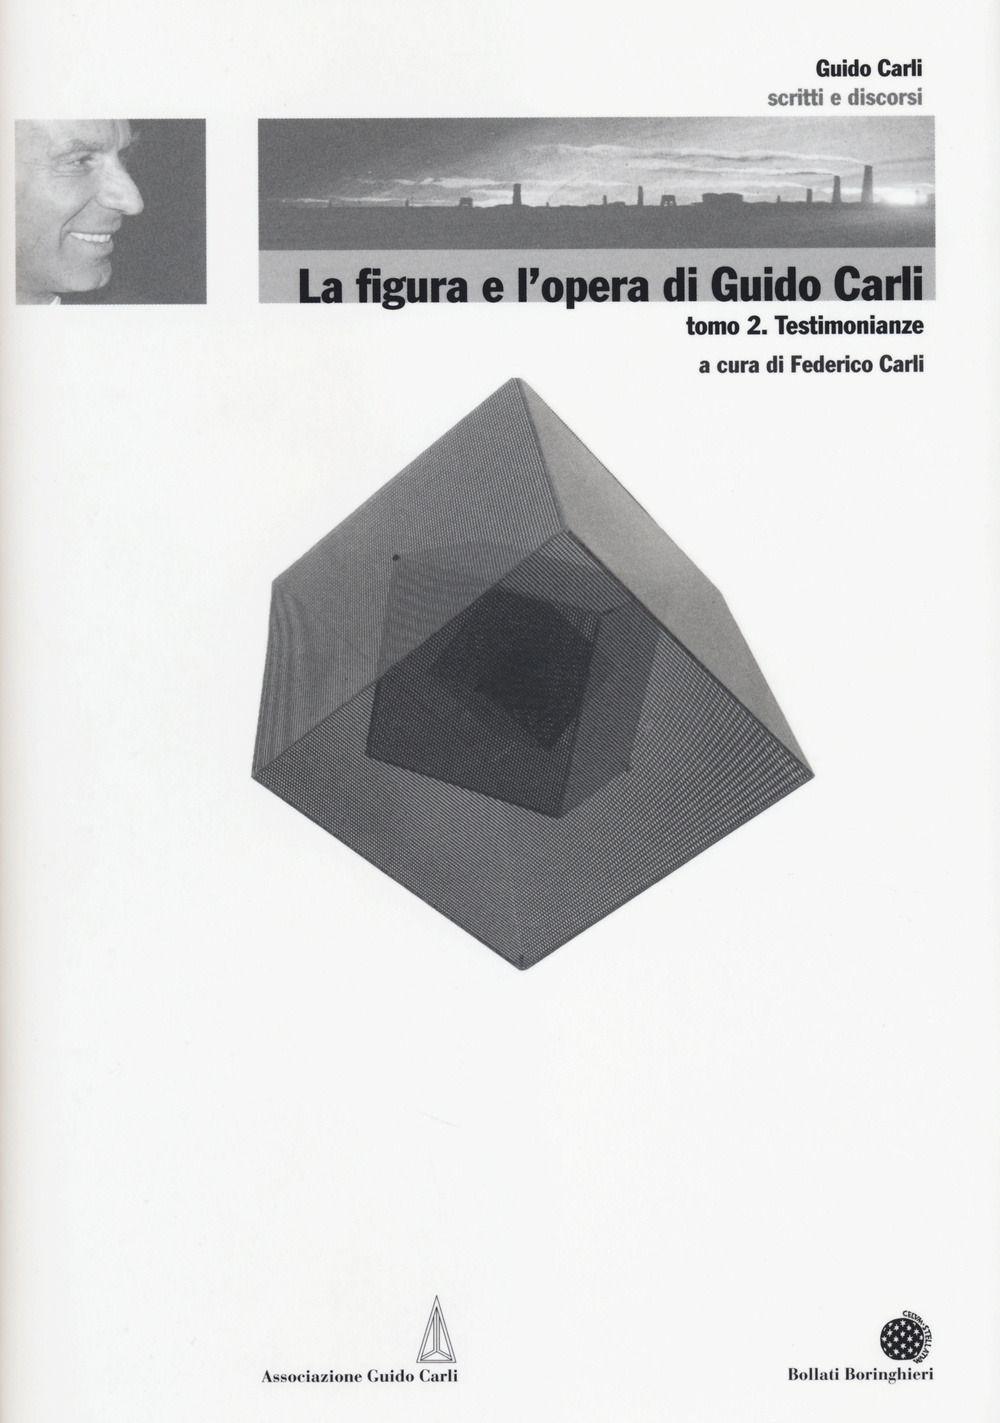 La figura e l'opera di Guido Carli. Vol. 6/2: Testimonianze